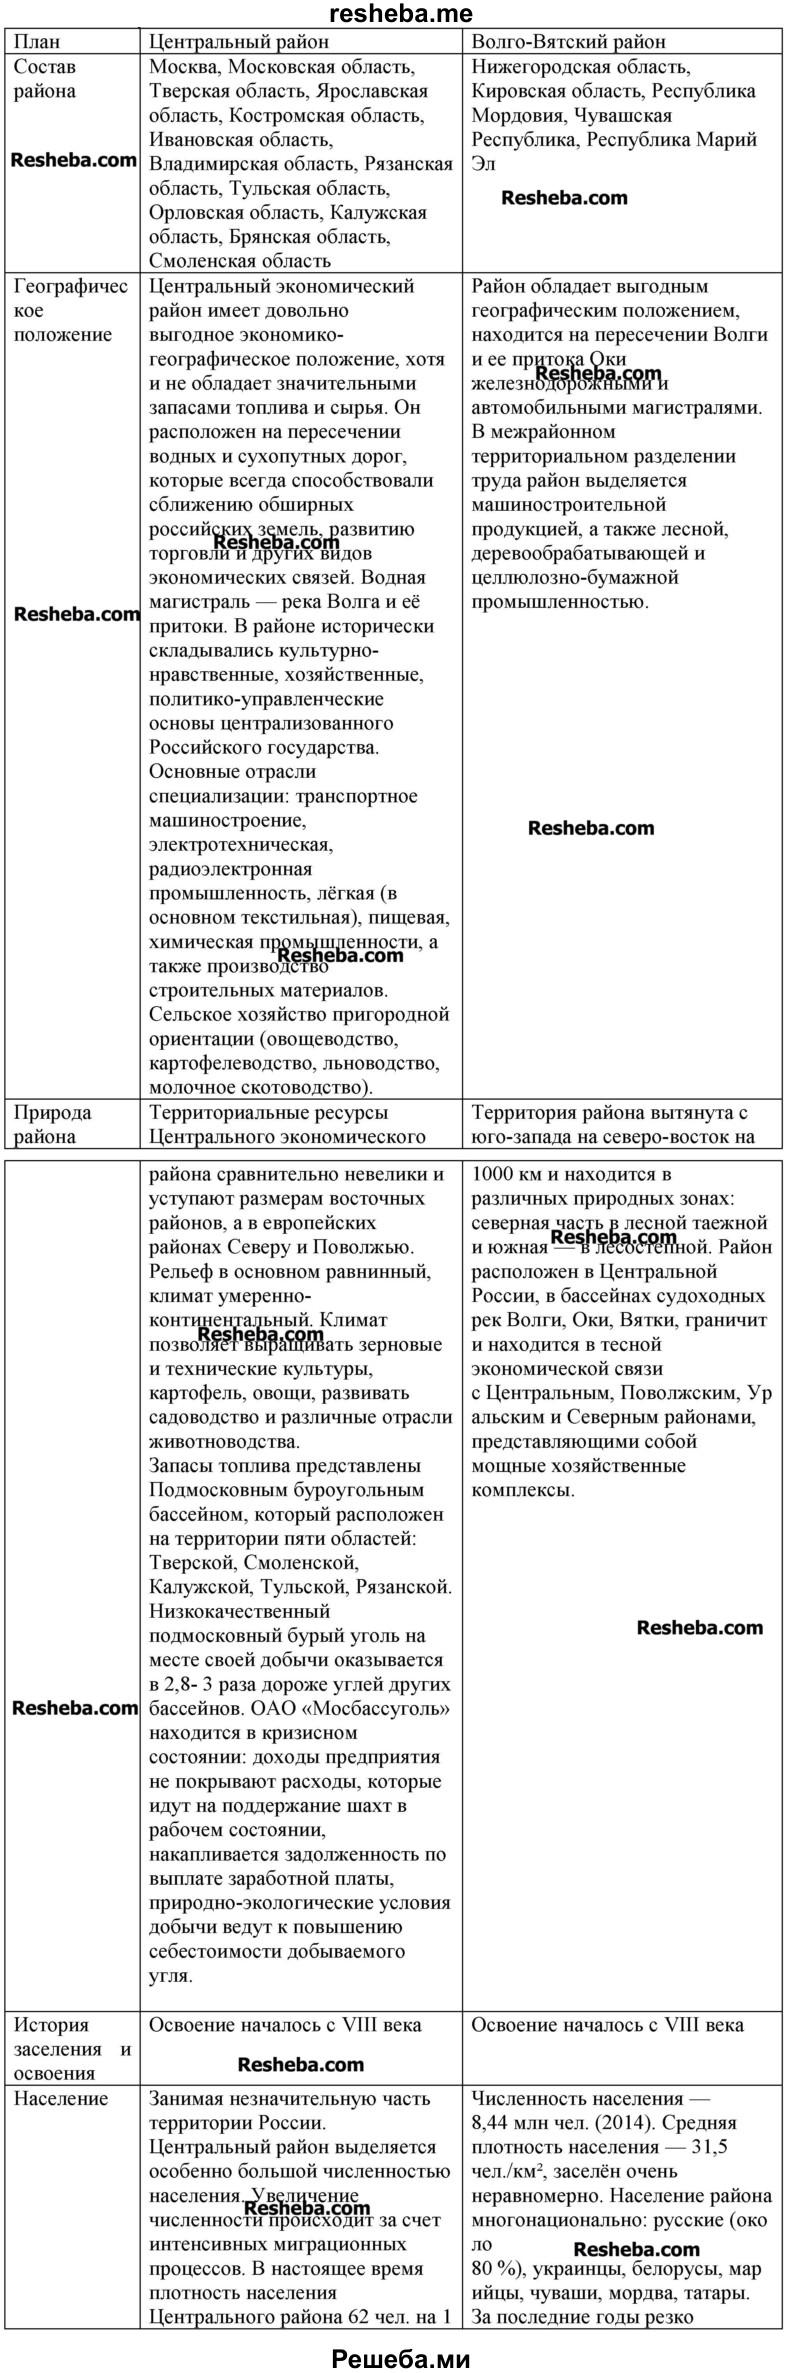 Сравните Центральный и Волго-Вятский районы по плану, помещённому на с. 10—11 учебника